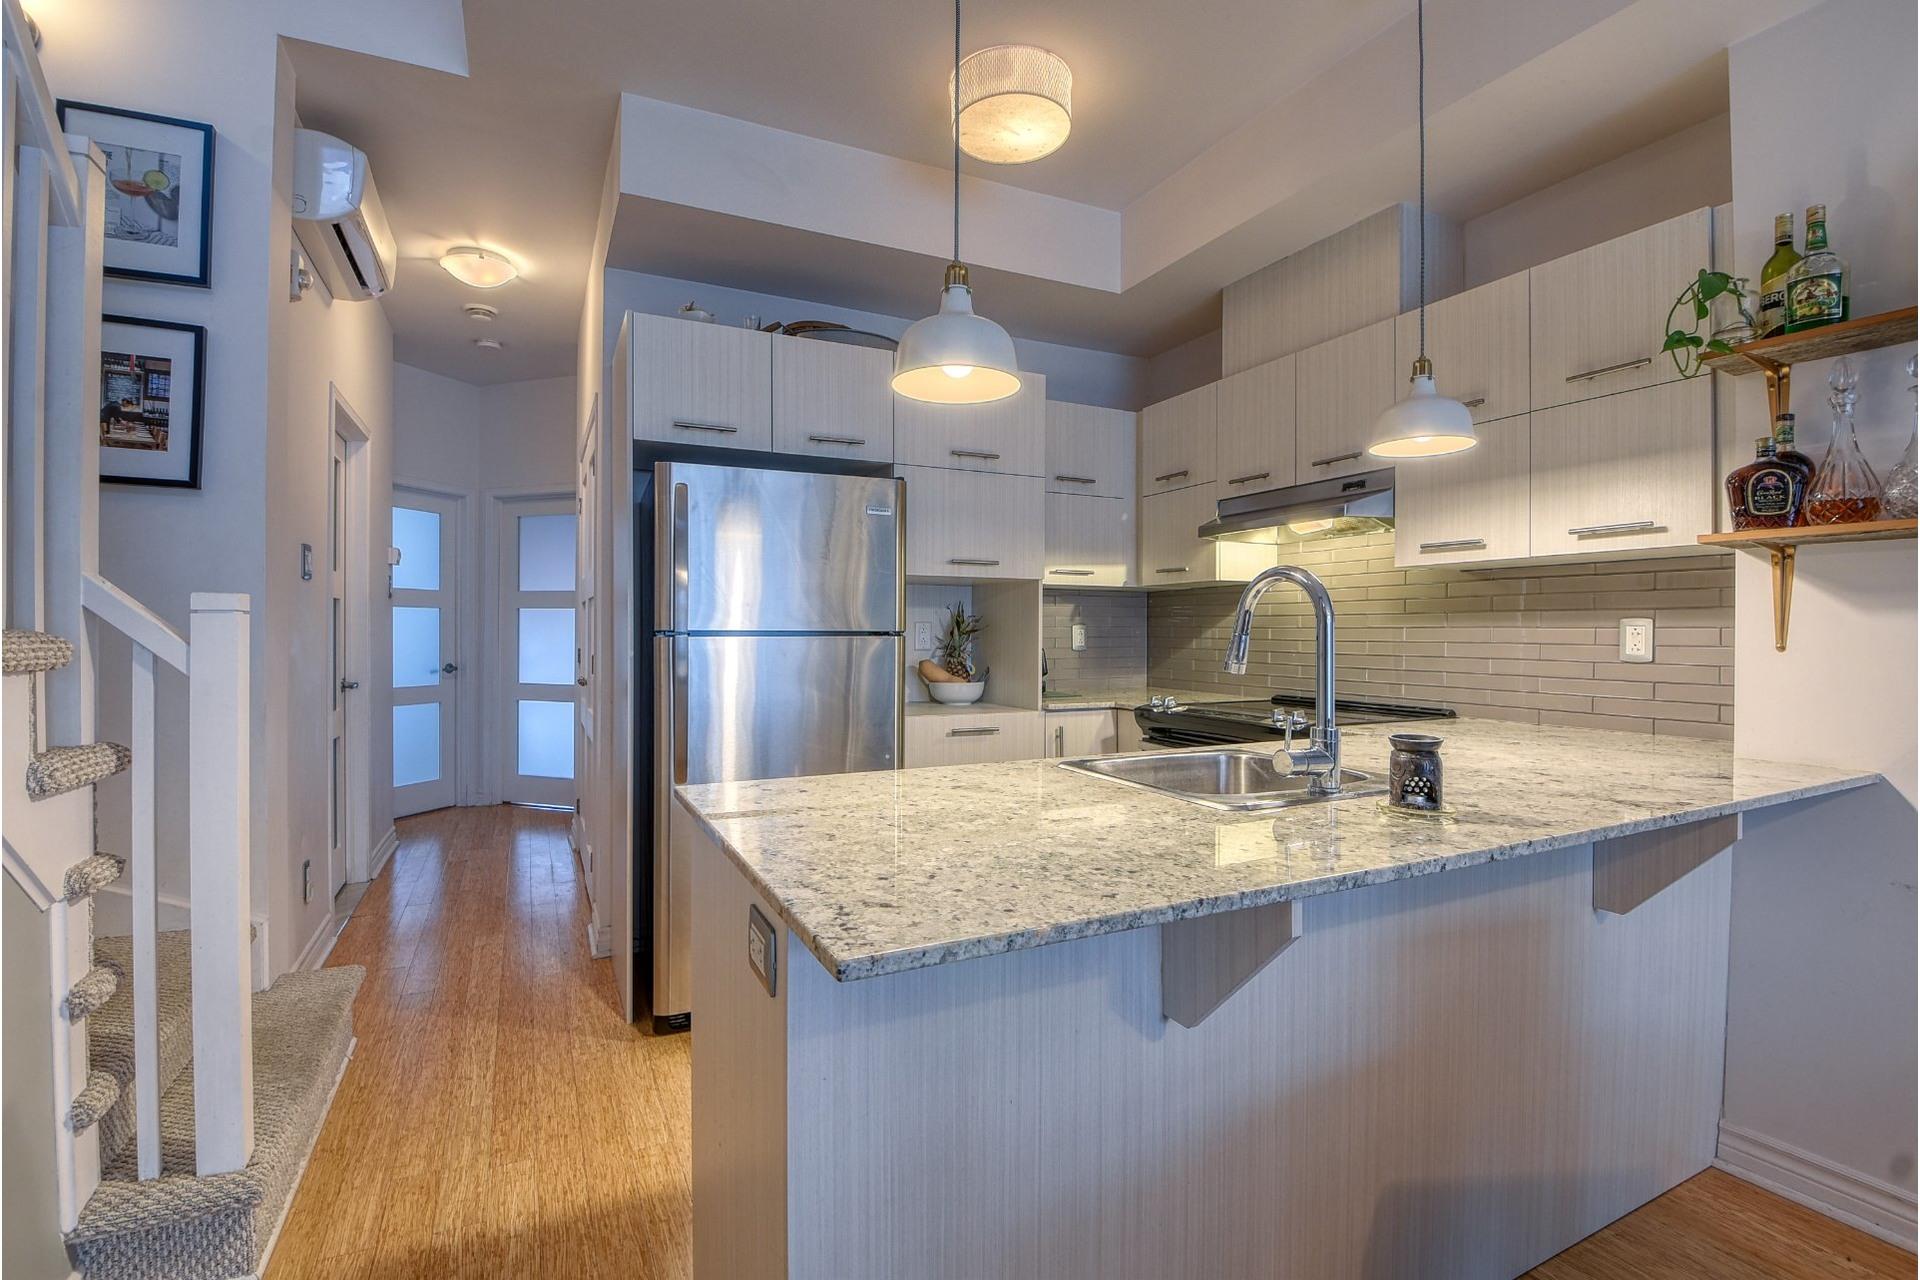 image 10 - Appartement À vendre Lachine Montréal  - 7 pièces